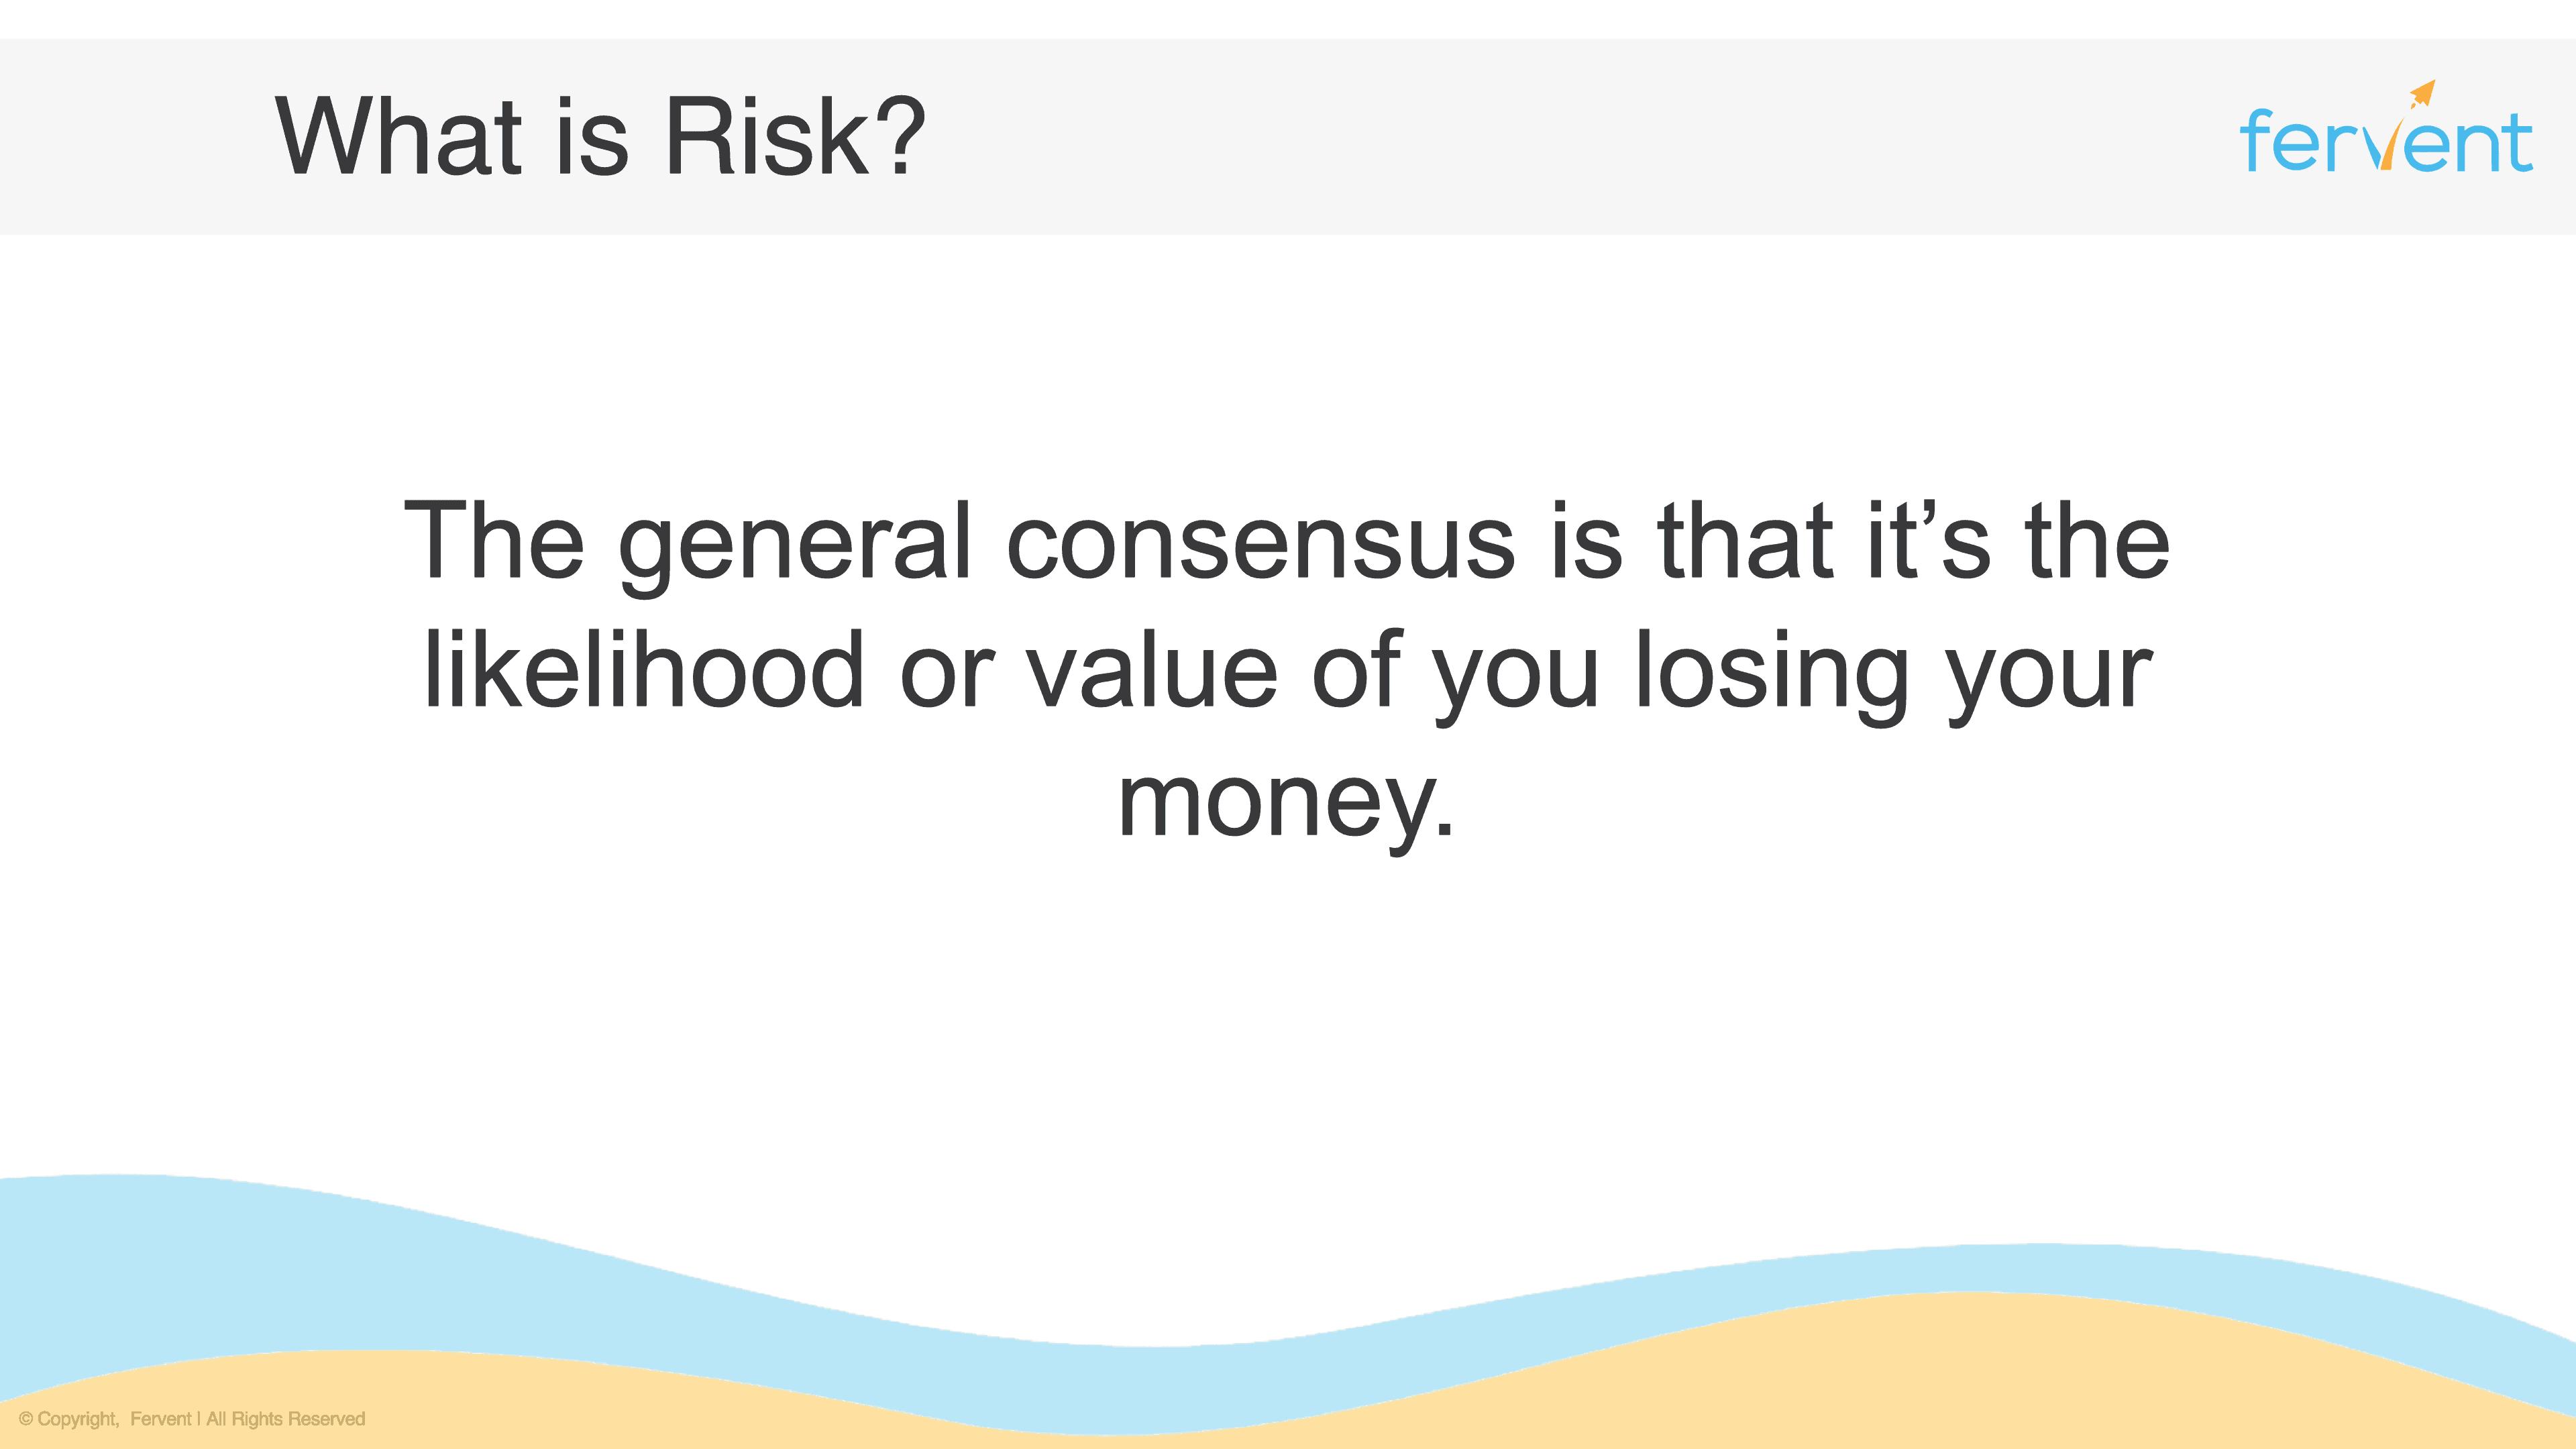 Slide explaining what Risk is